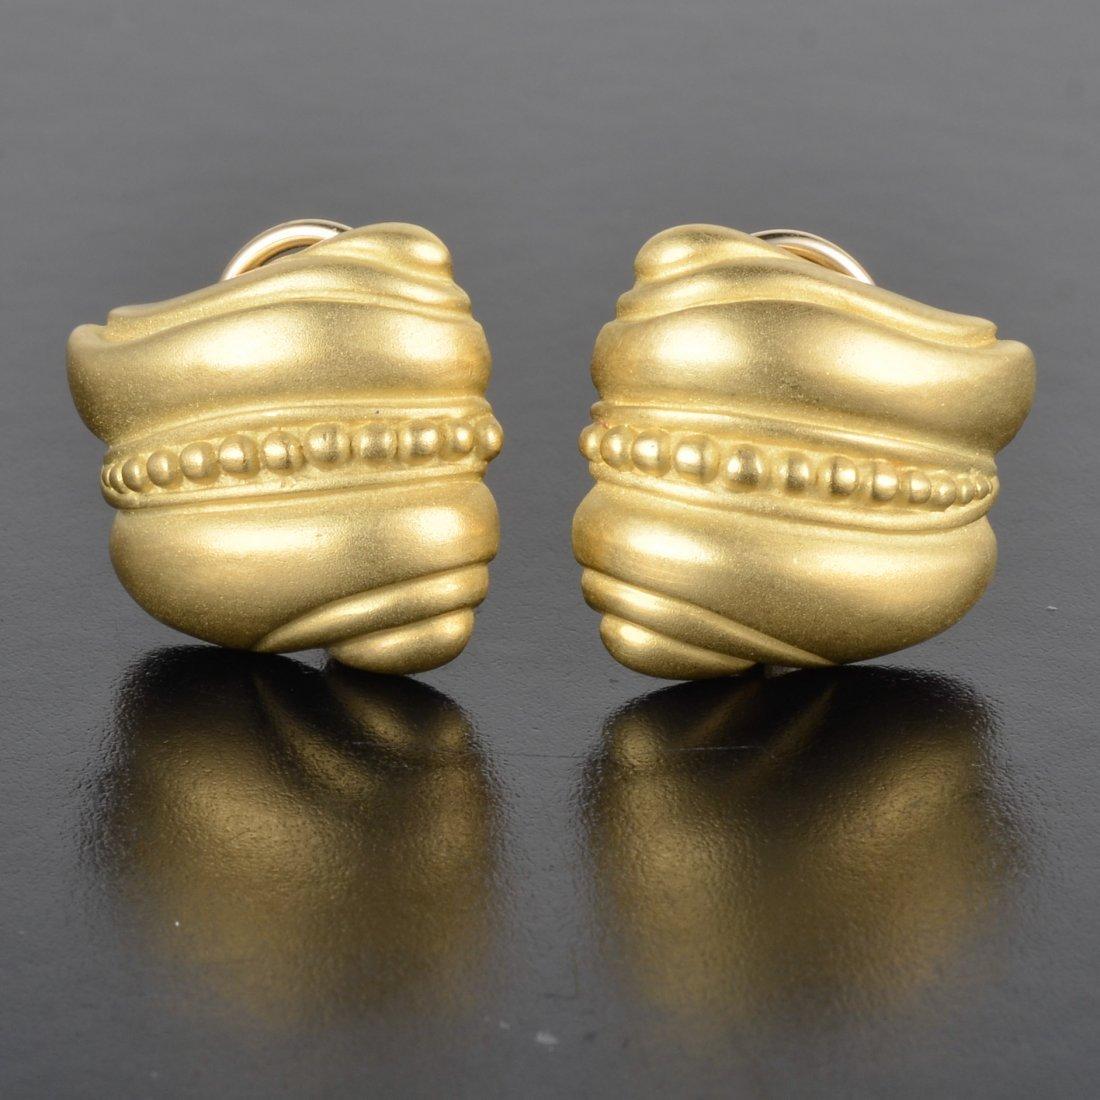 Kieselstein-cord gold earrings